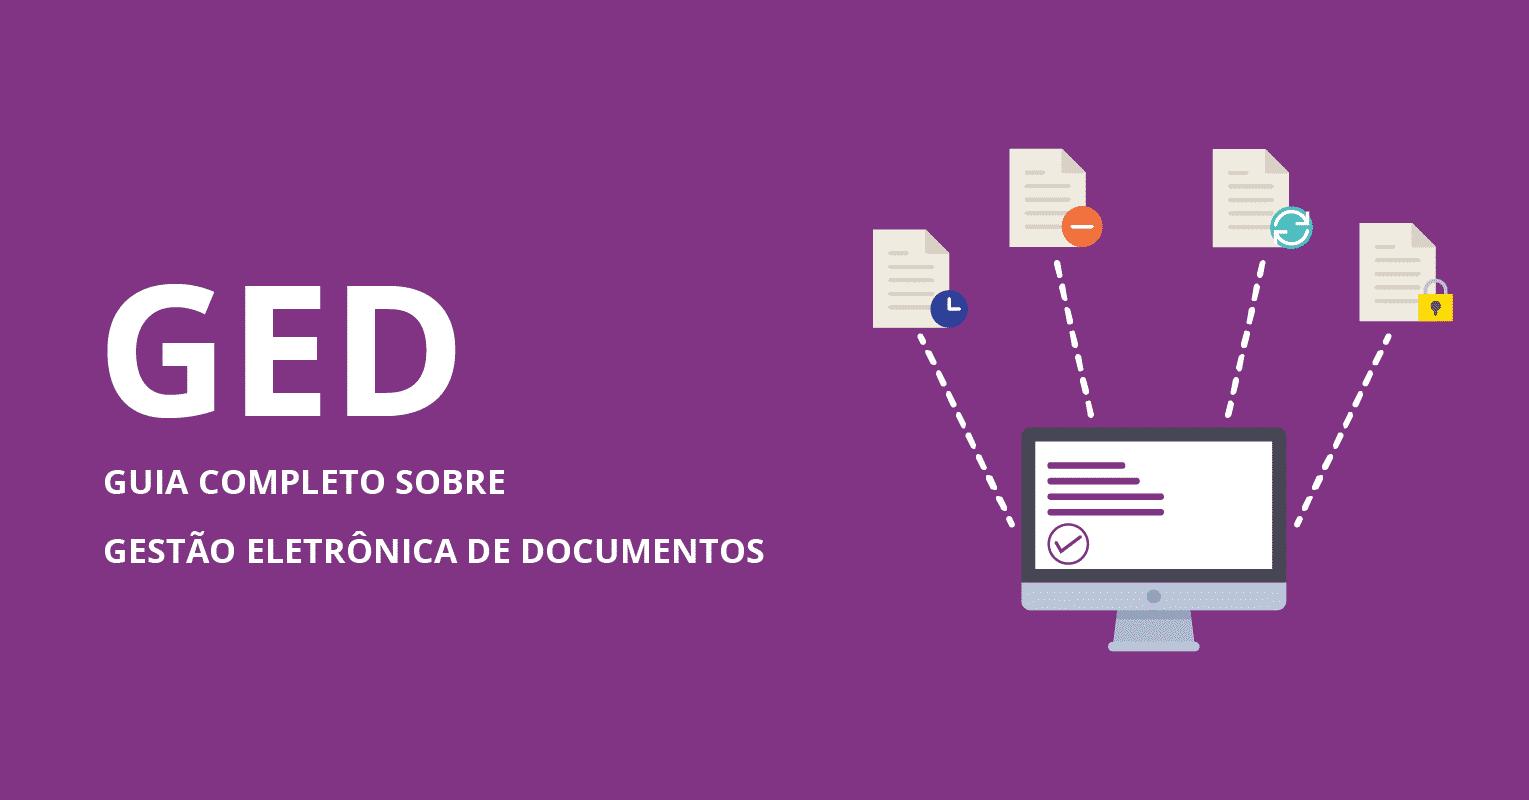 GED - Gestão eletrônica de documentos - tudo que você precisa saber